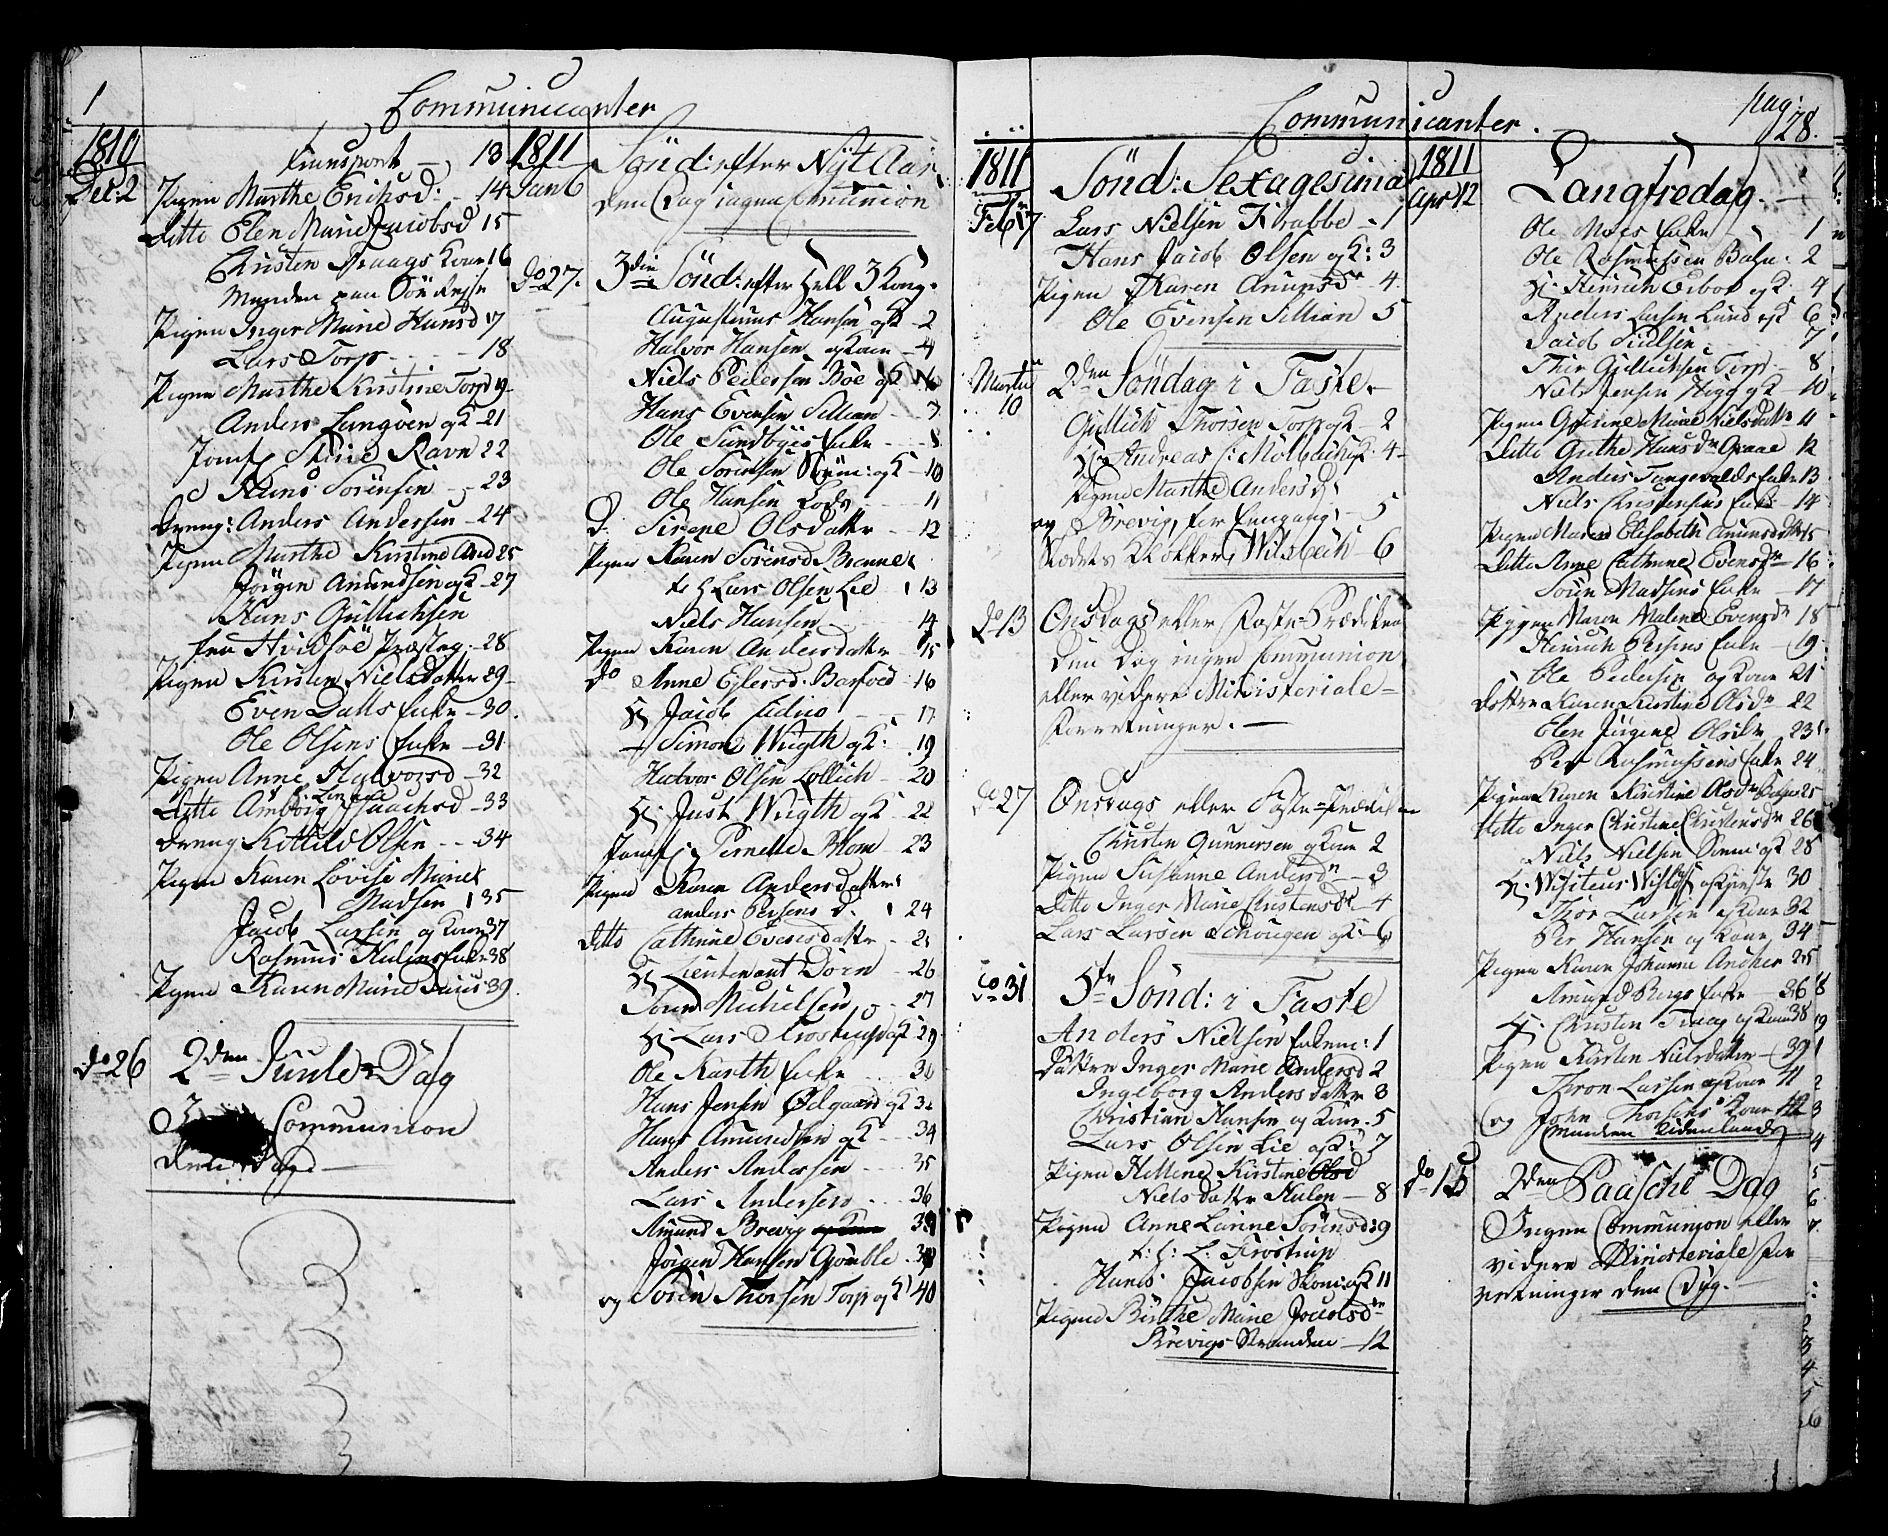 SAKO, Langesund kirkebøker, G/Ga/L0002: Klokkerbok nr. 2, 1801-1815, s. 28